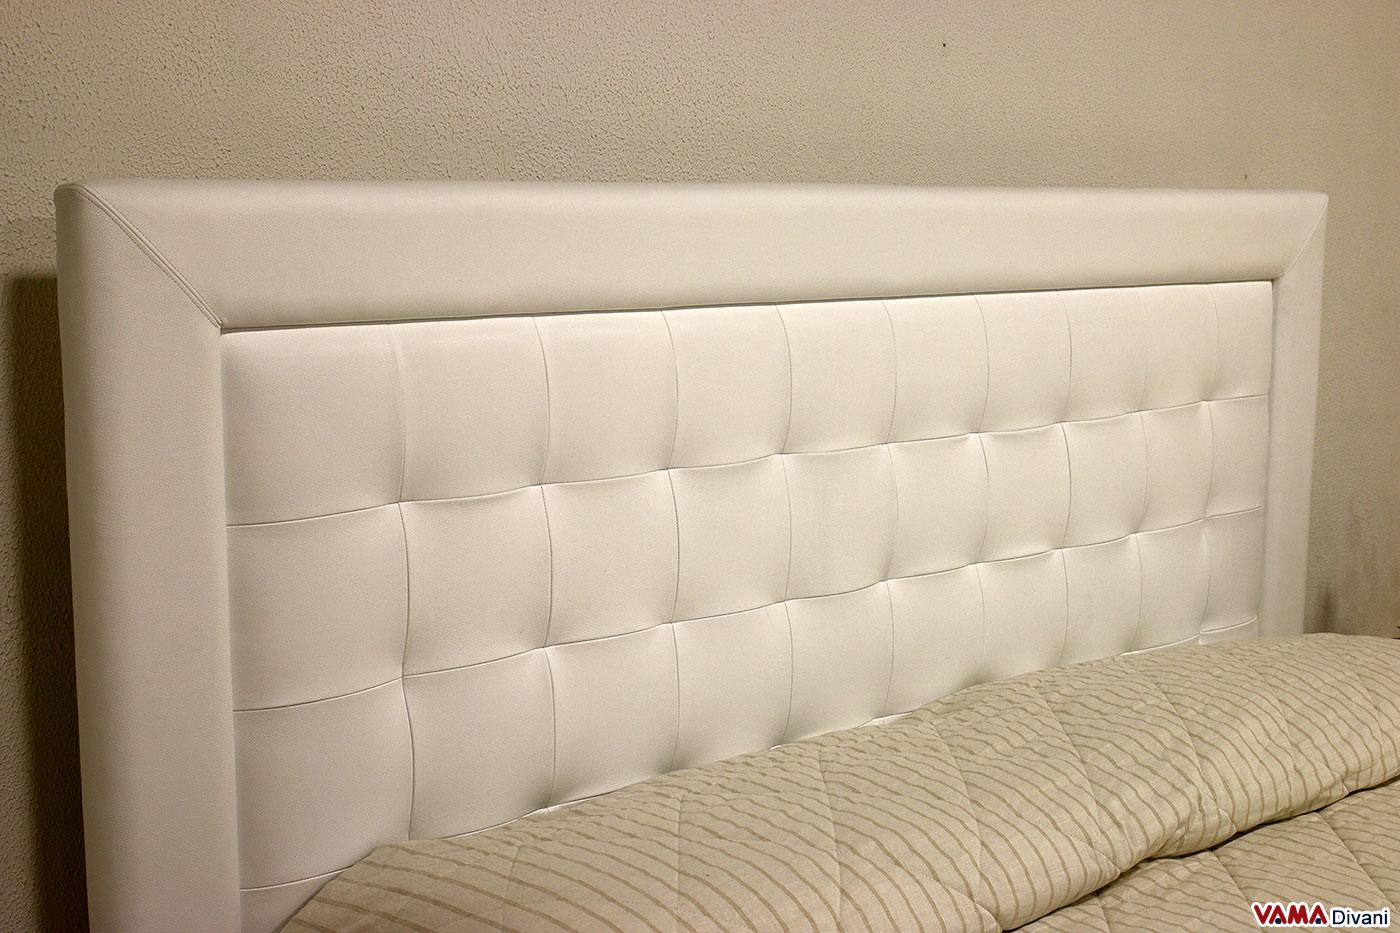 Vama divani blog luisa un nuovo letto entra nei for Nuovo arredo divani letto